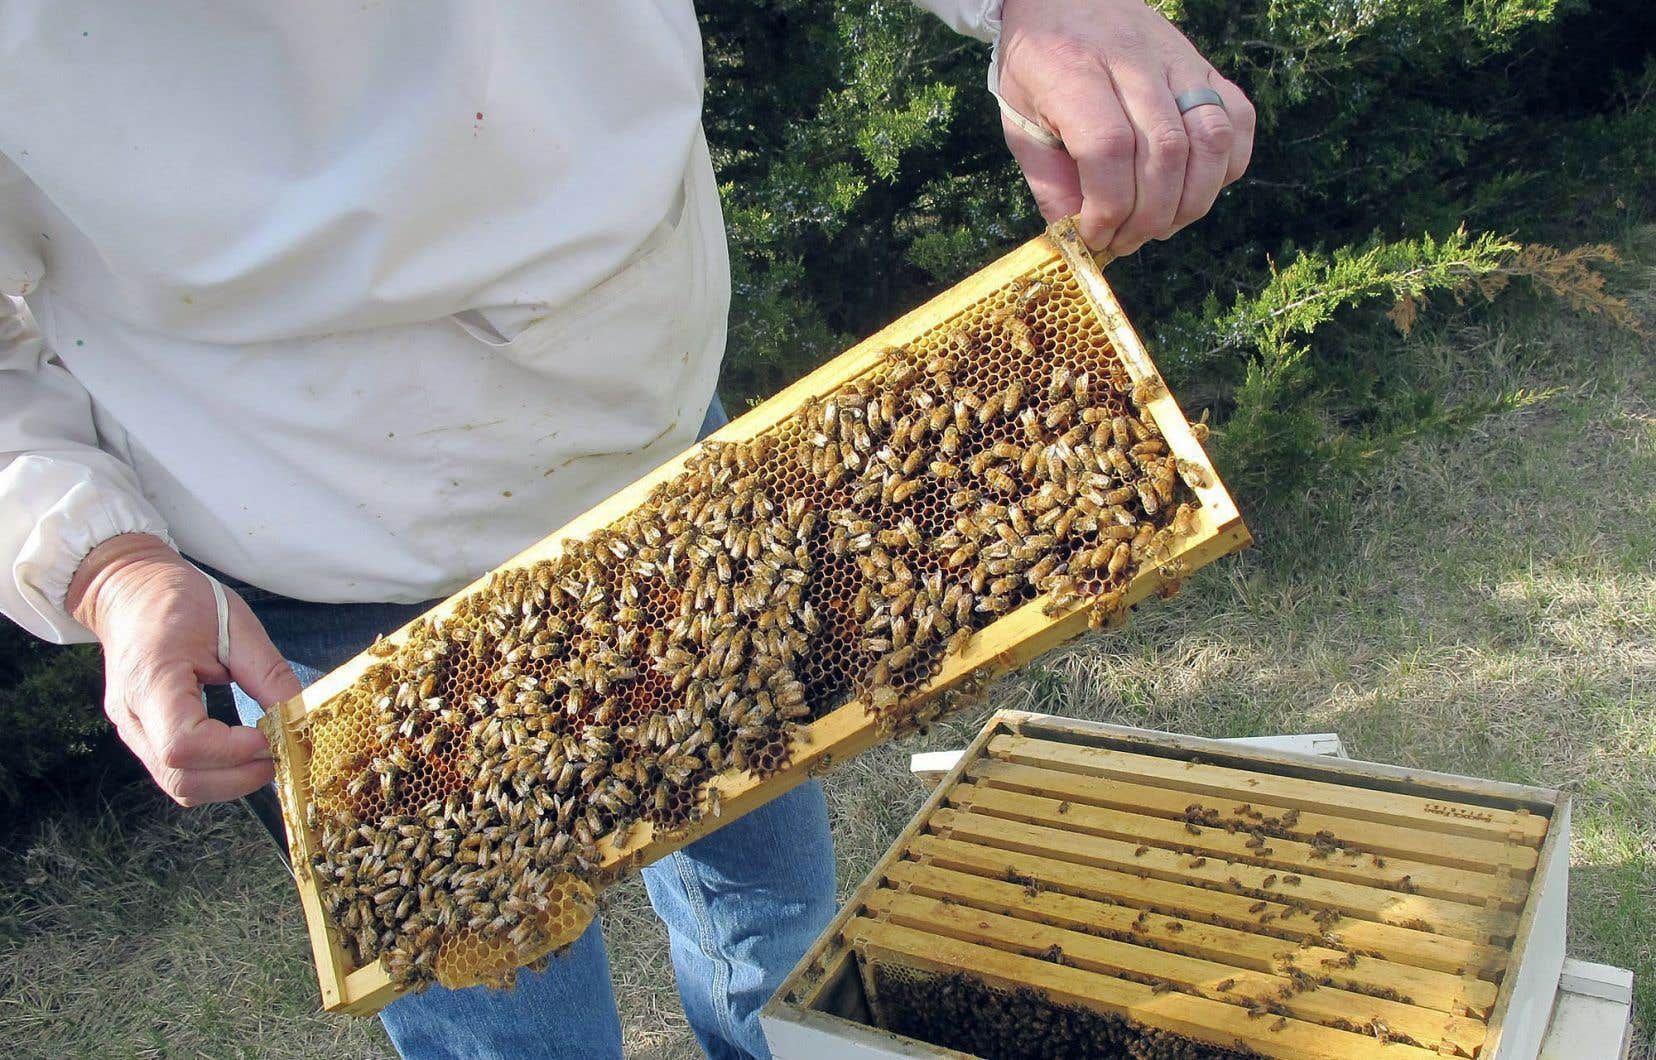 Le risque que les pesticides de type néonicotinoïde font courir aux abeilles domestiques a été confirmé par des centaines d'études scientifiques.